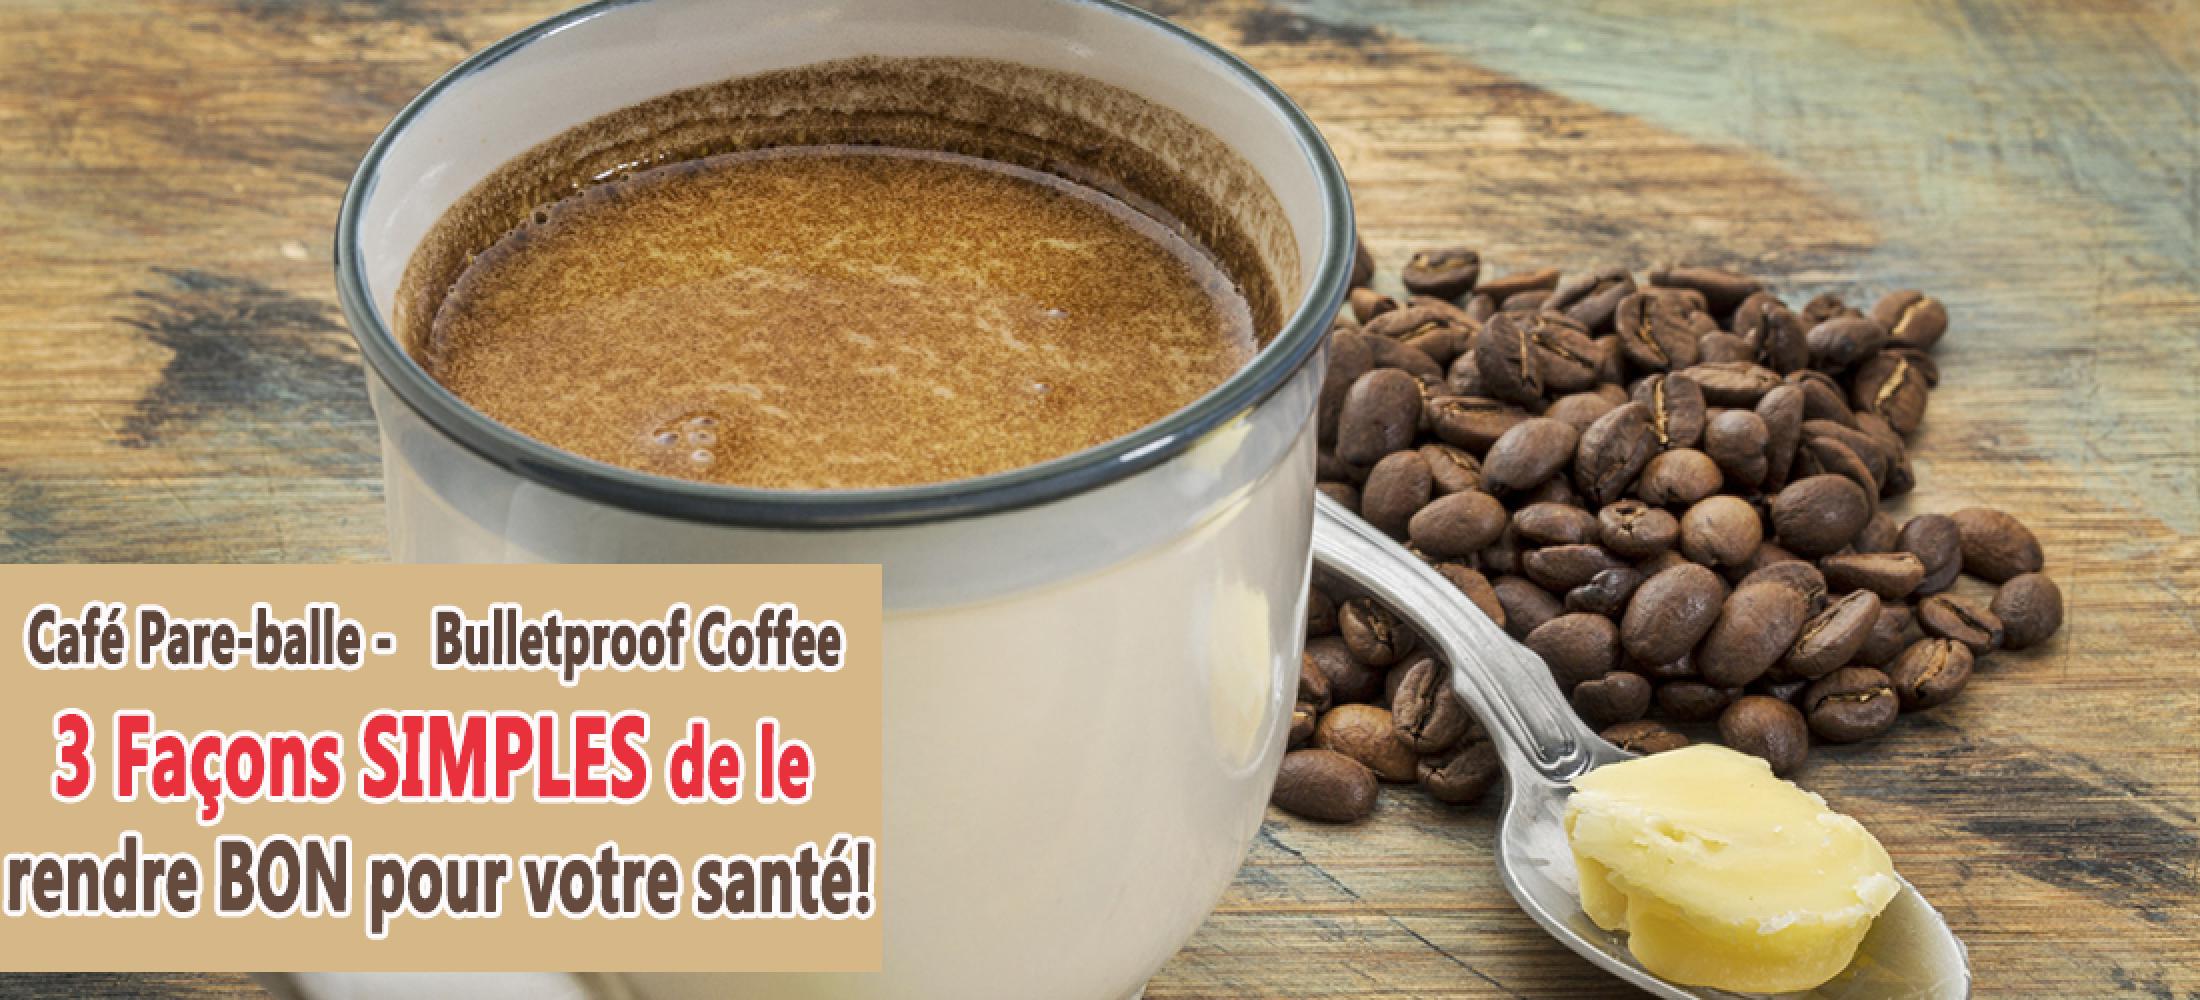 Café Pare-balle (Bulletproof Coffee), 3 astuces pour le rendre meilleur!